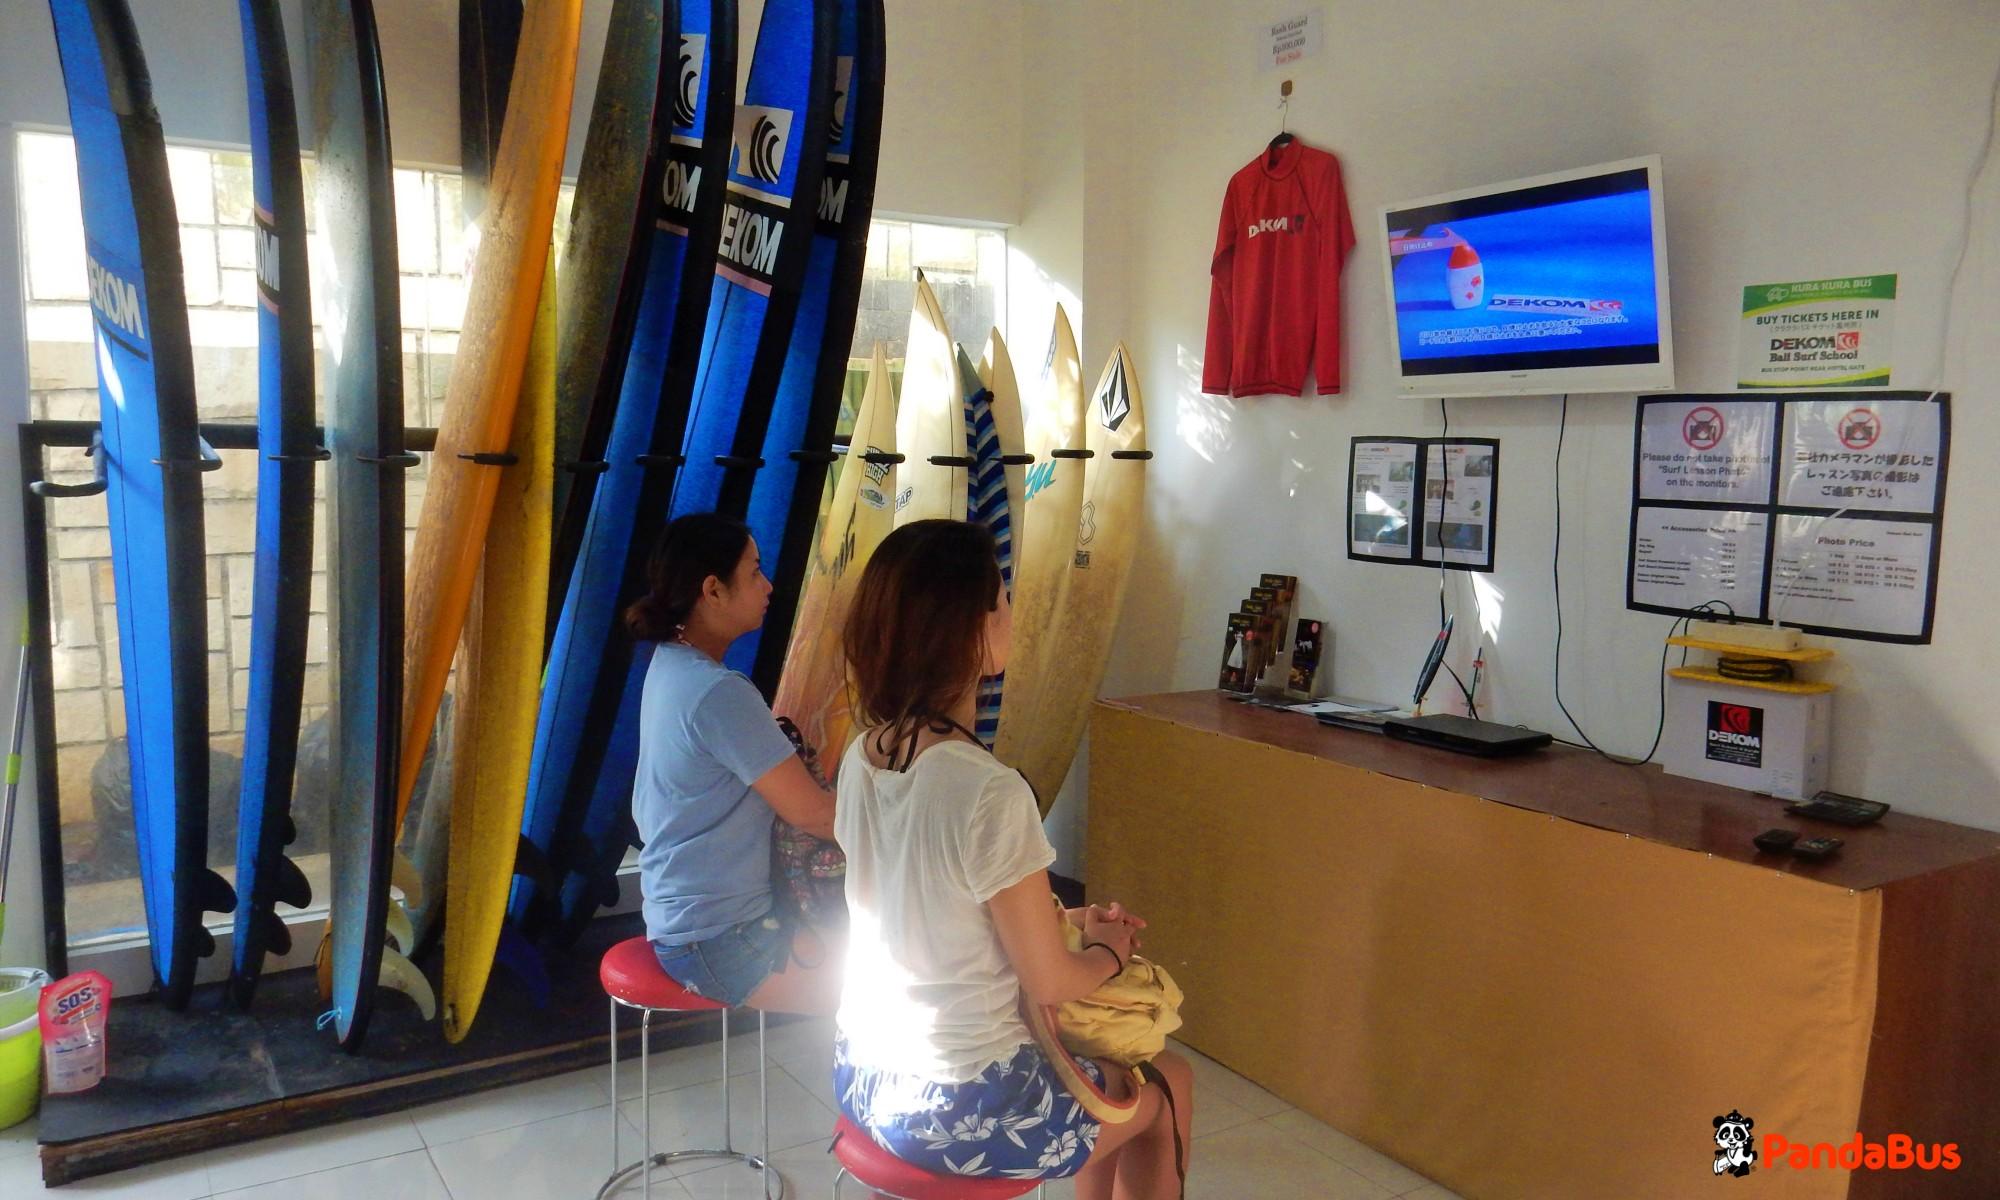 デコムサーフスクールへ到着 保険の手続きなどのあと、DVDでサーフィンの理論を学びましょう。 着替え、荷物をロッカーに入れいよいよビーチへ